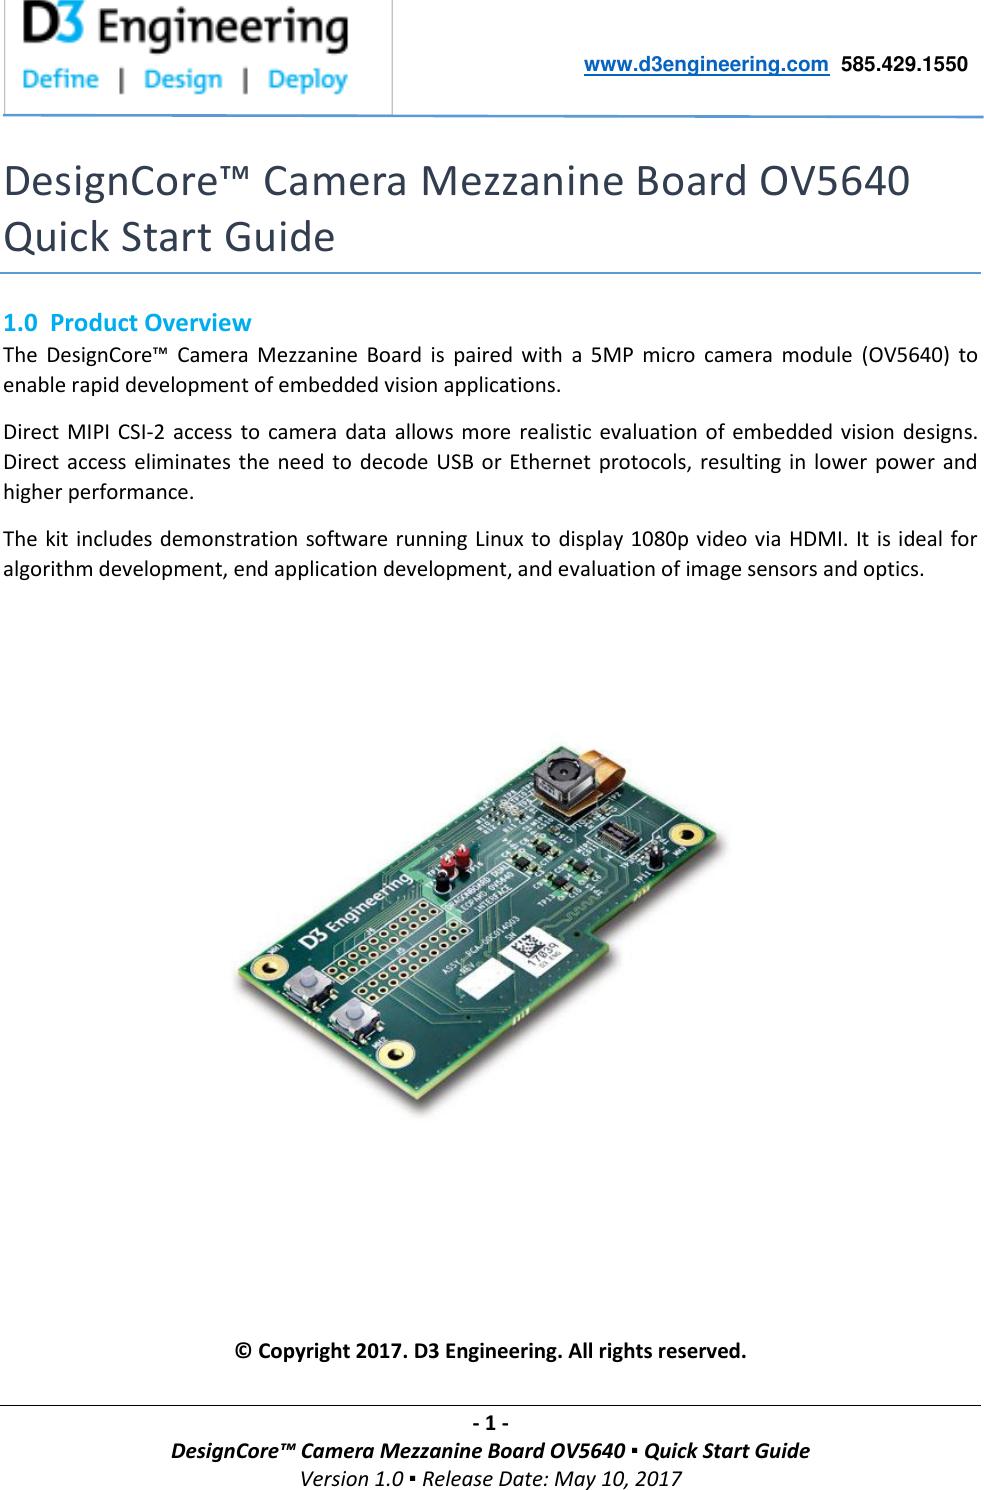 D3 Design Core Camera Mezzanine Board OV5640 Quick Start Guide V1